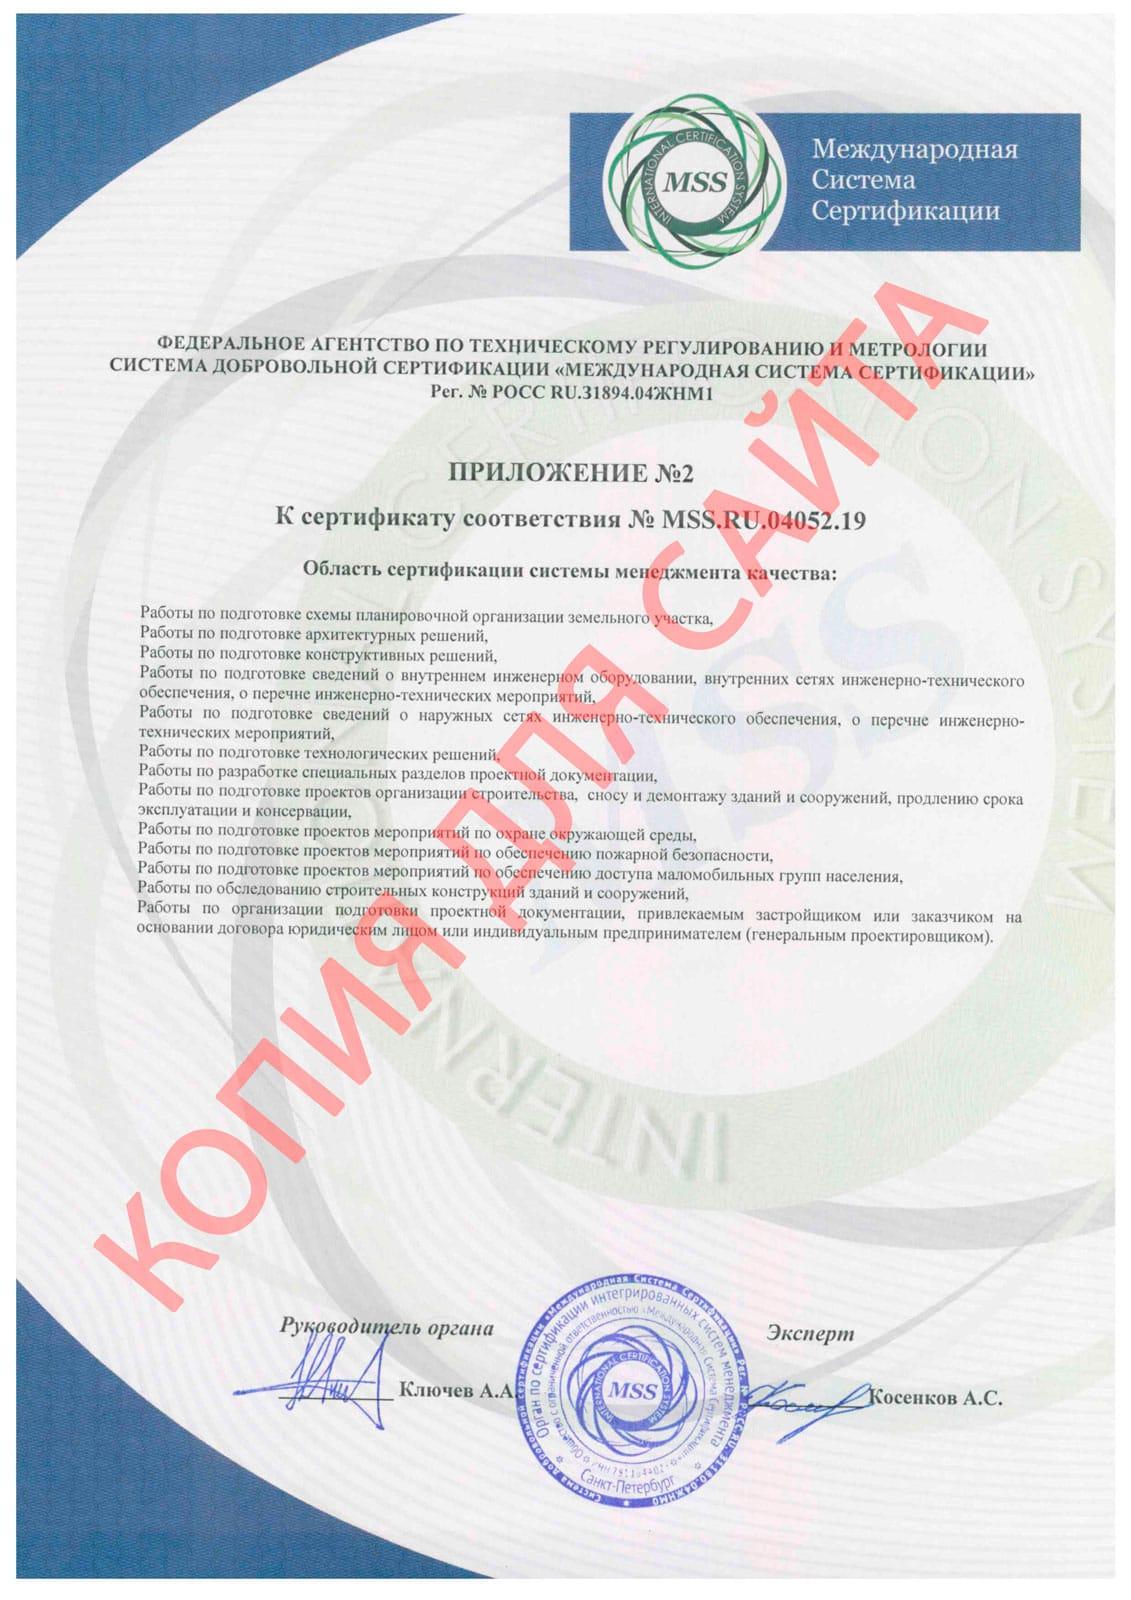 Сертификаты соответствия Часть 8